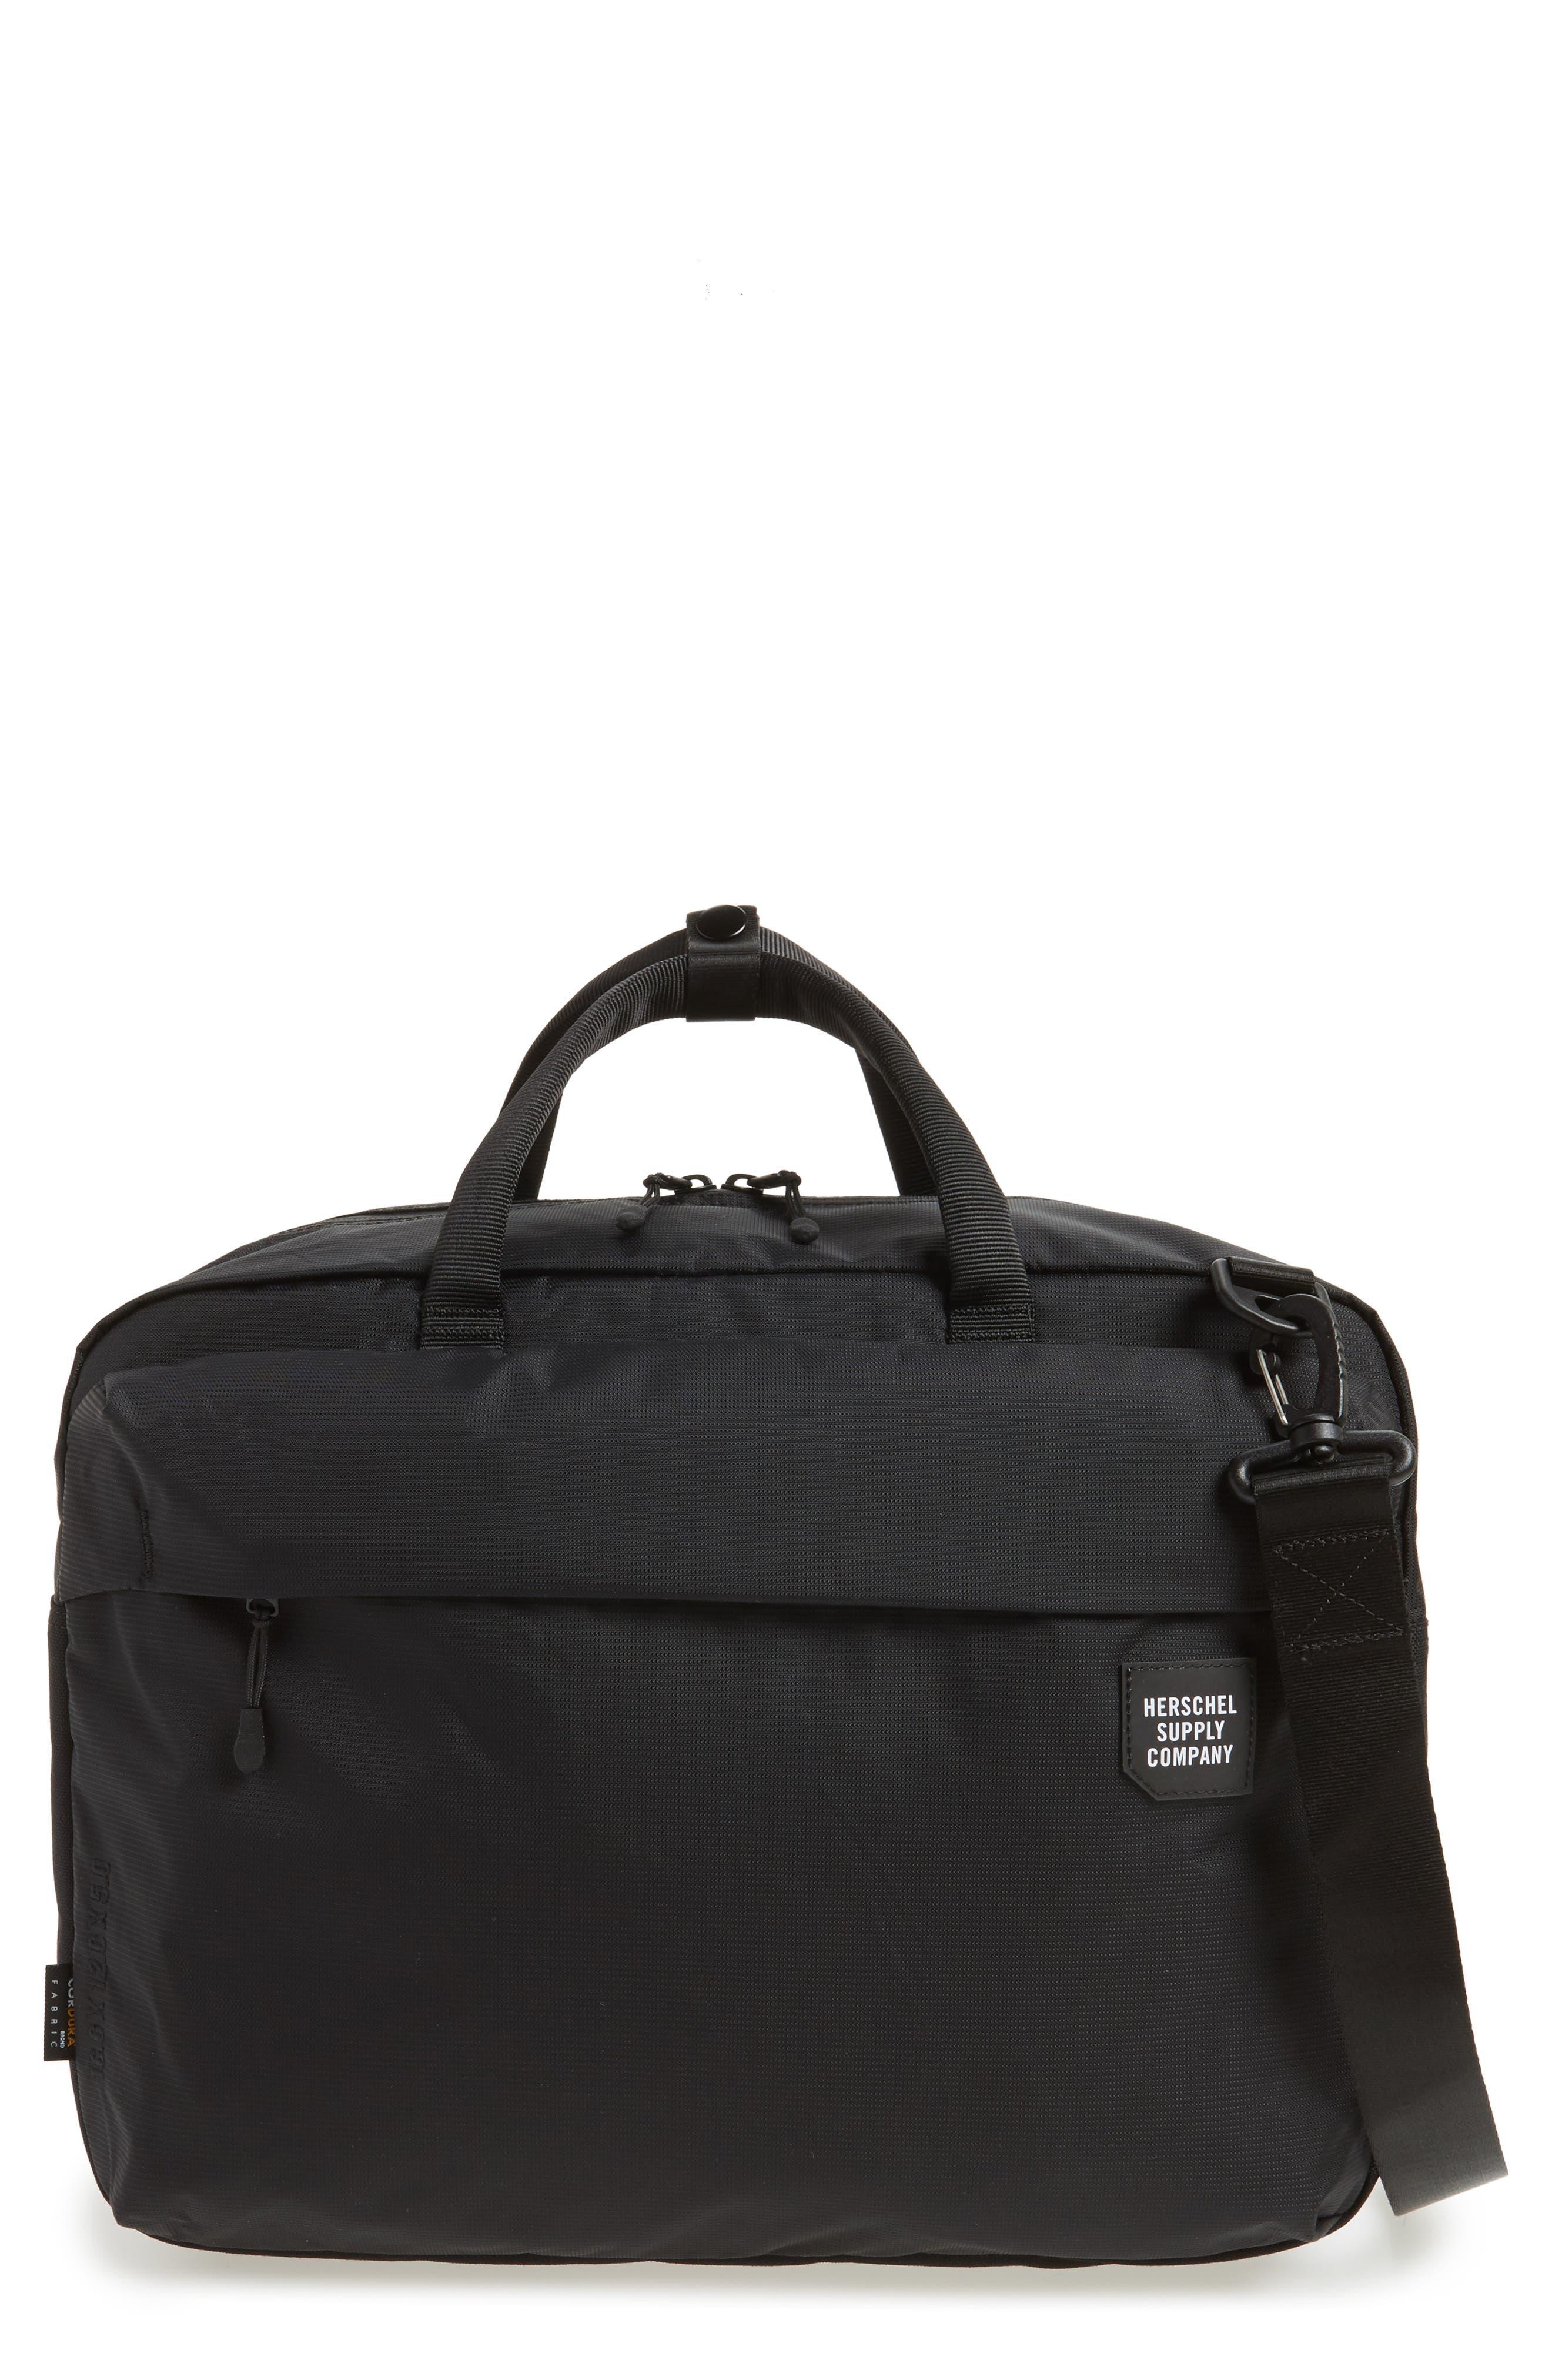 Herschel Supply Co. Britannia Convertible Messenger Bag